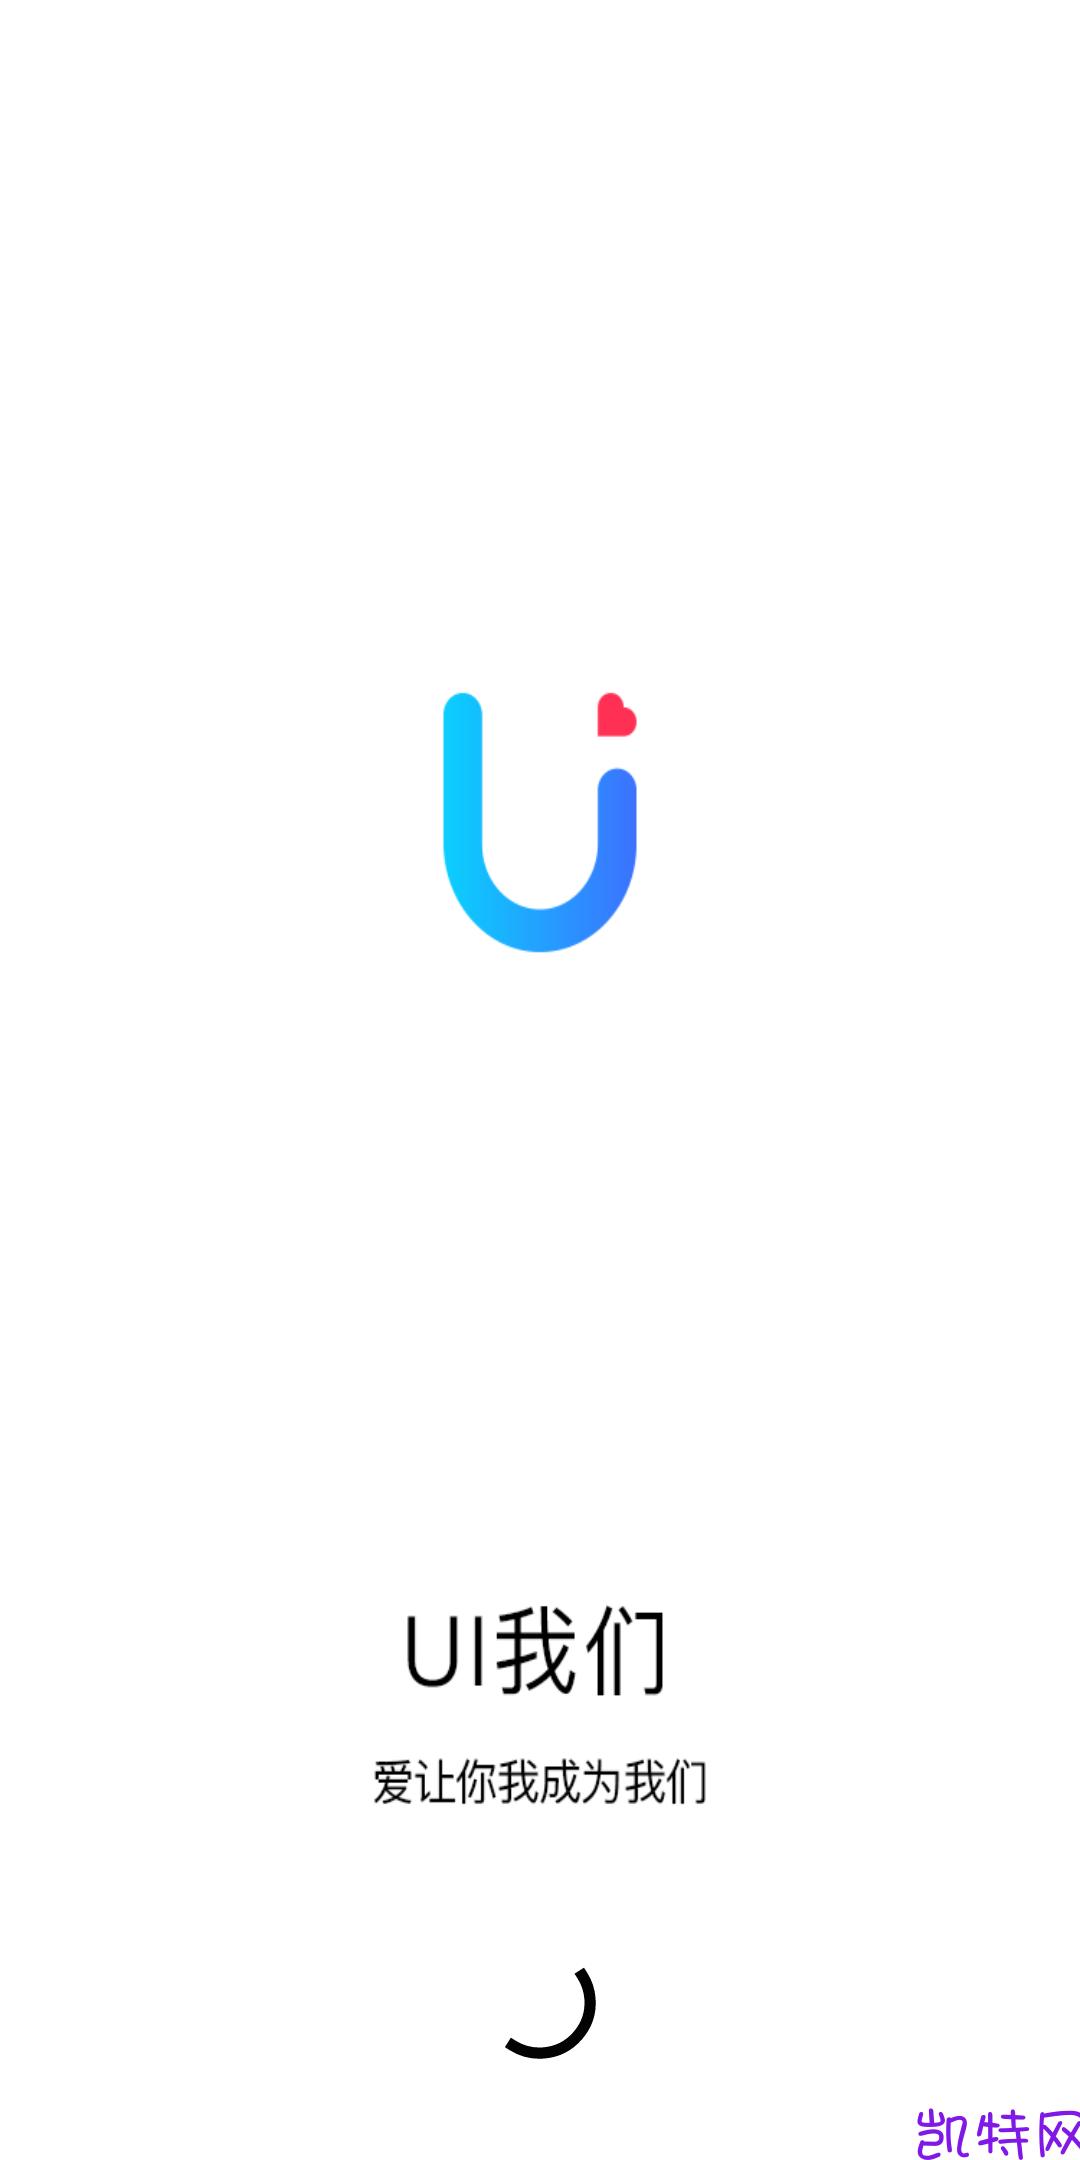 【原创】Hey UI源码市场